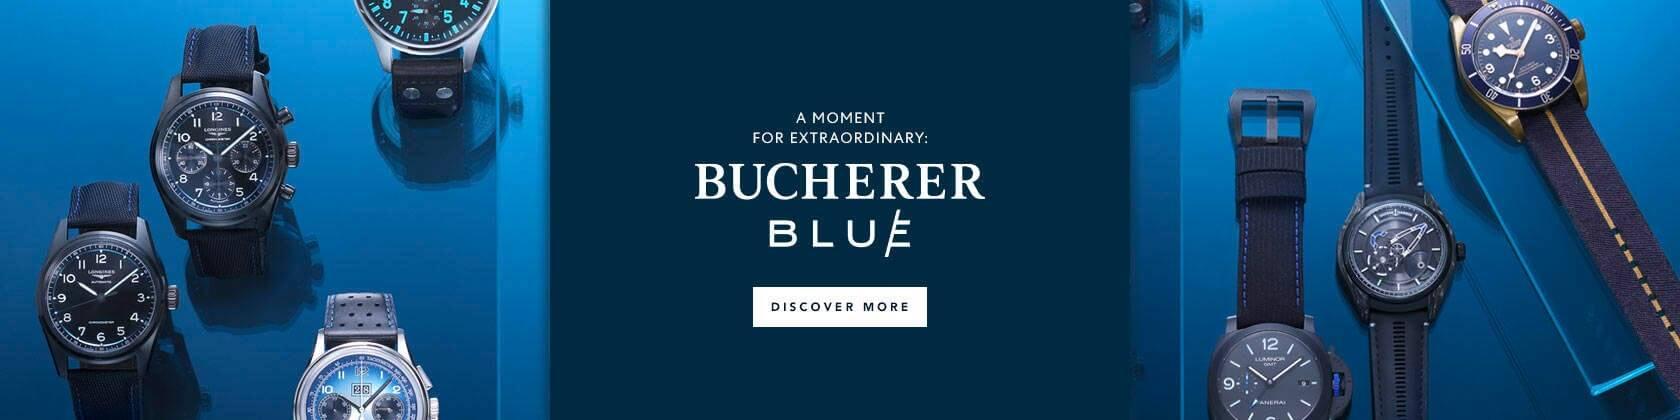 Bucherer Blue